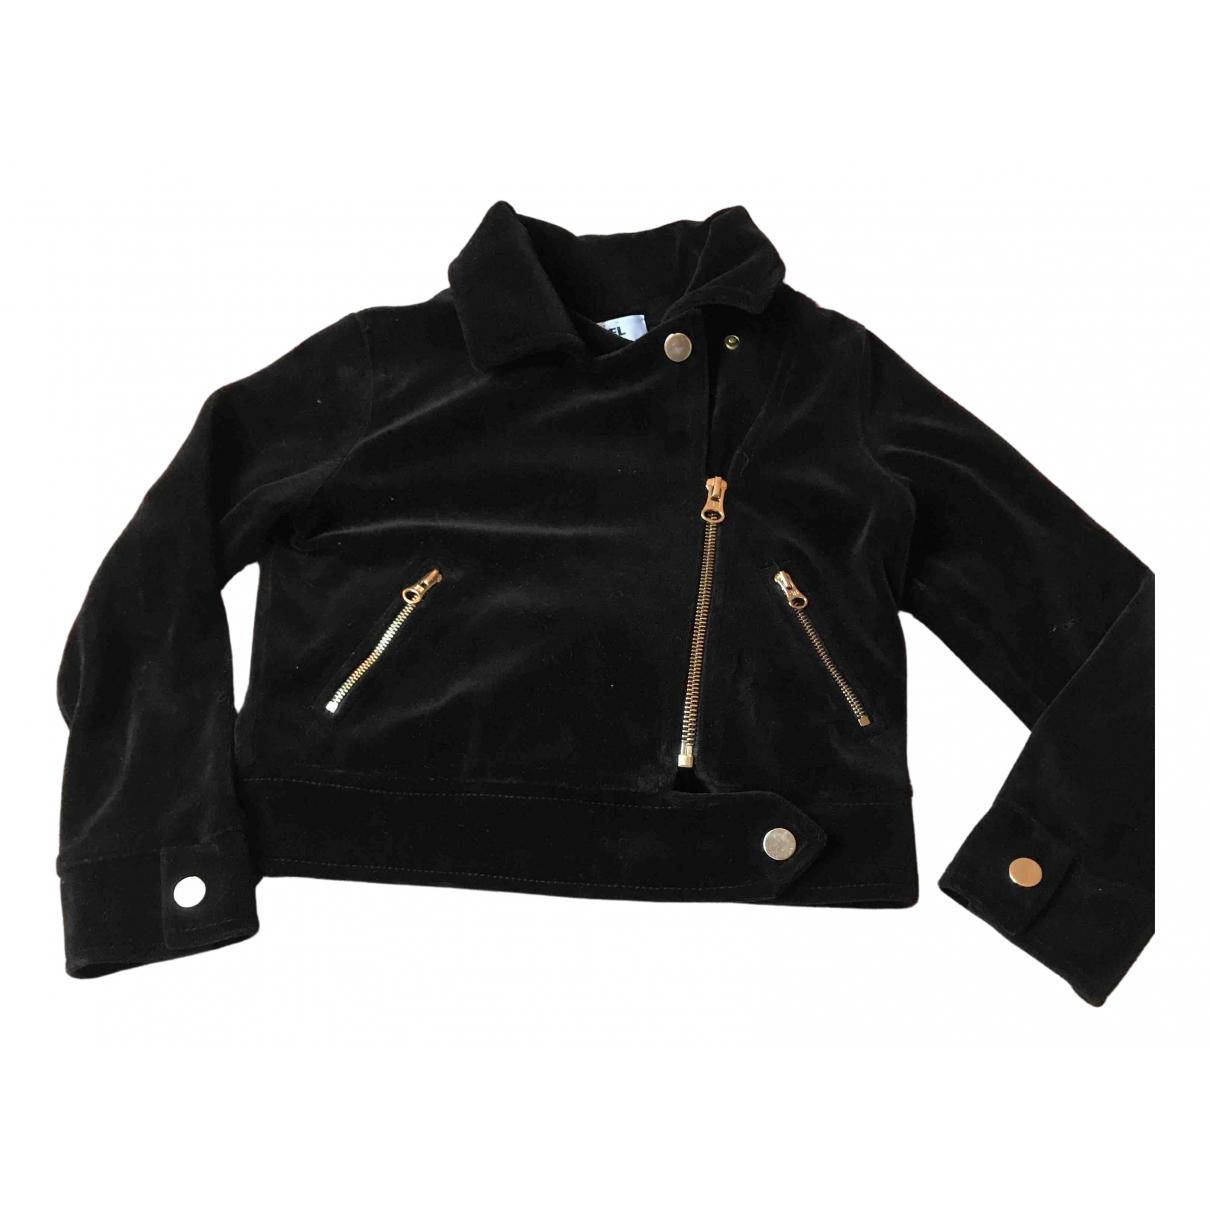 Sonia Rykiel N Black Velvet jacket & coat for Kids 6 years - up to 114cm FR